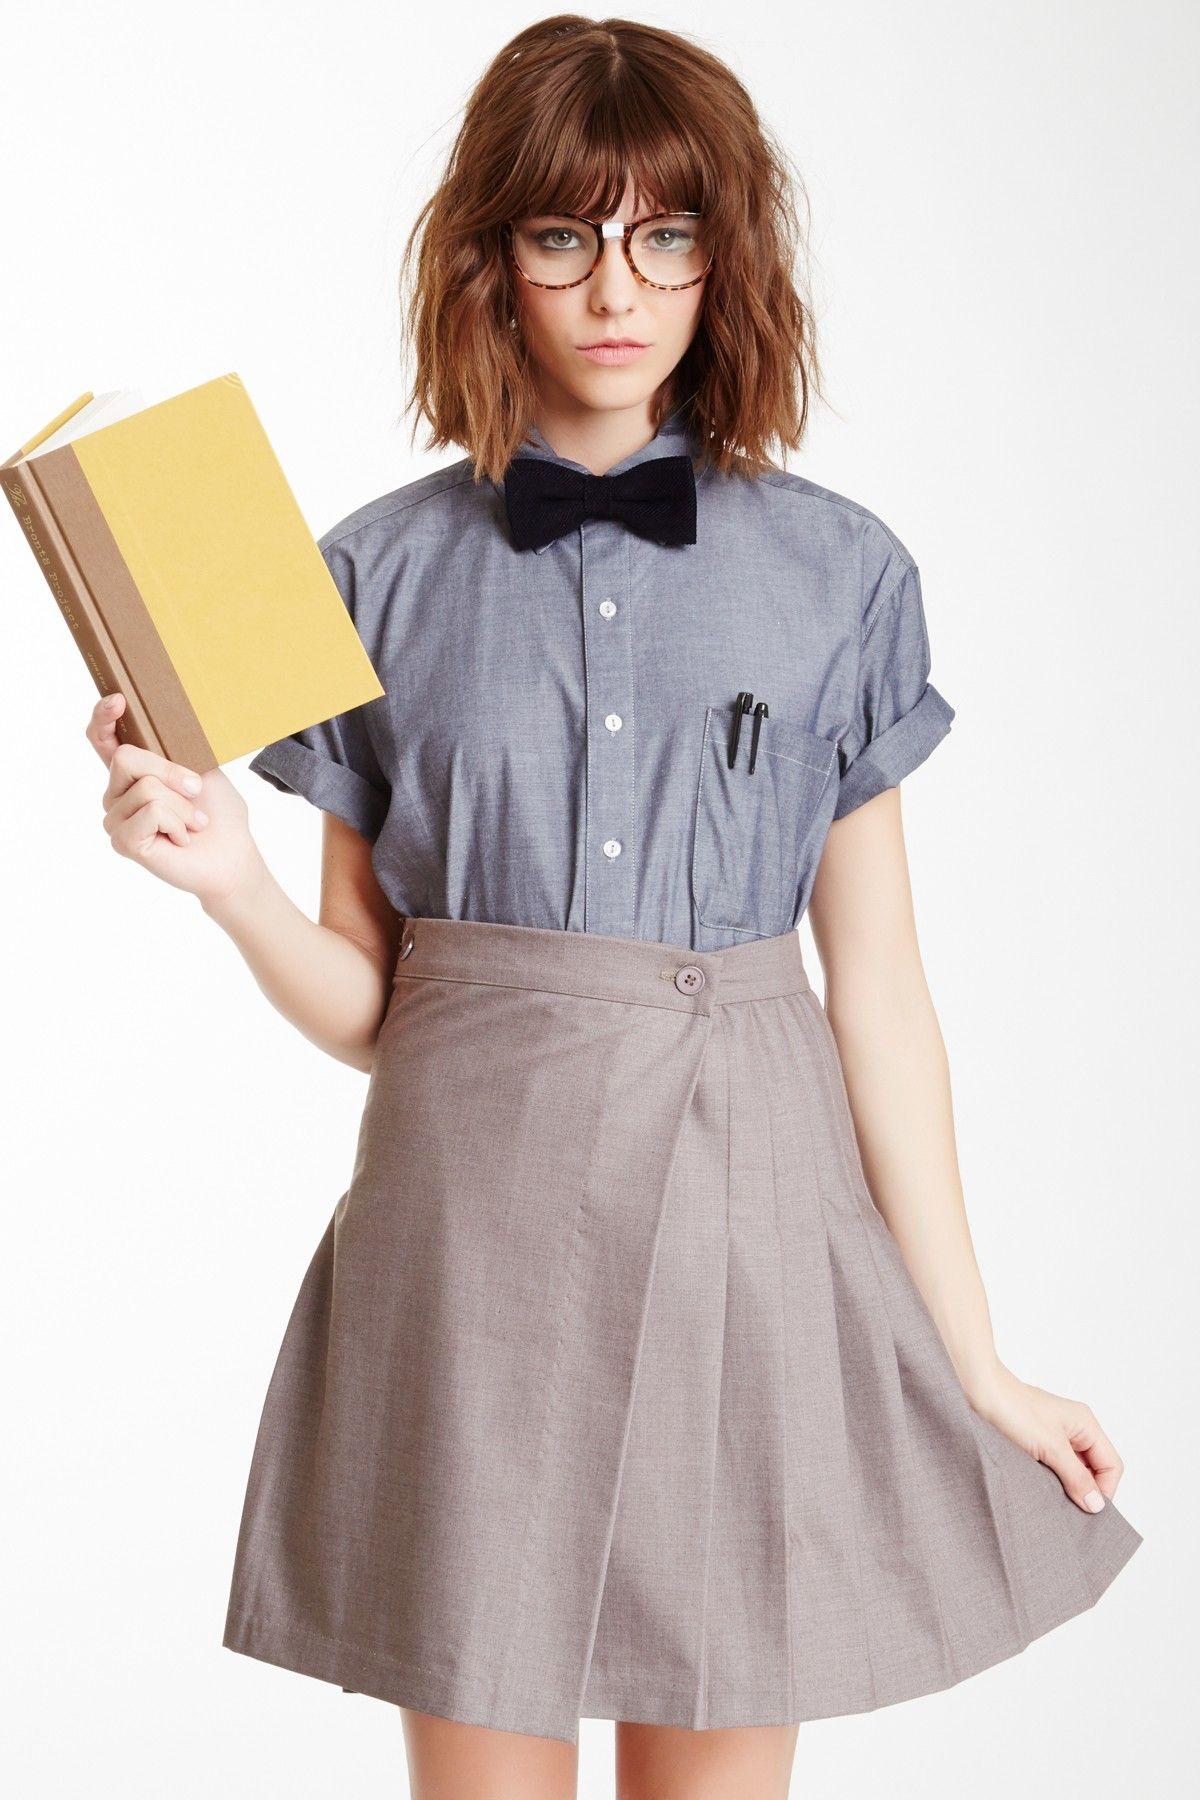 nerd dress clothes